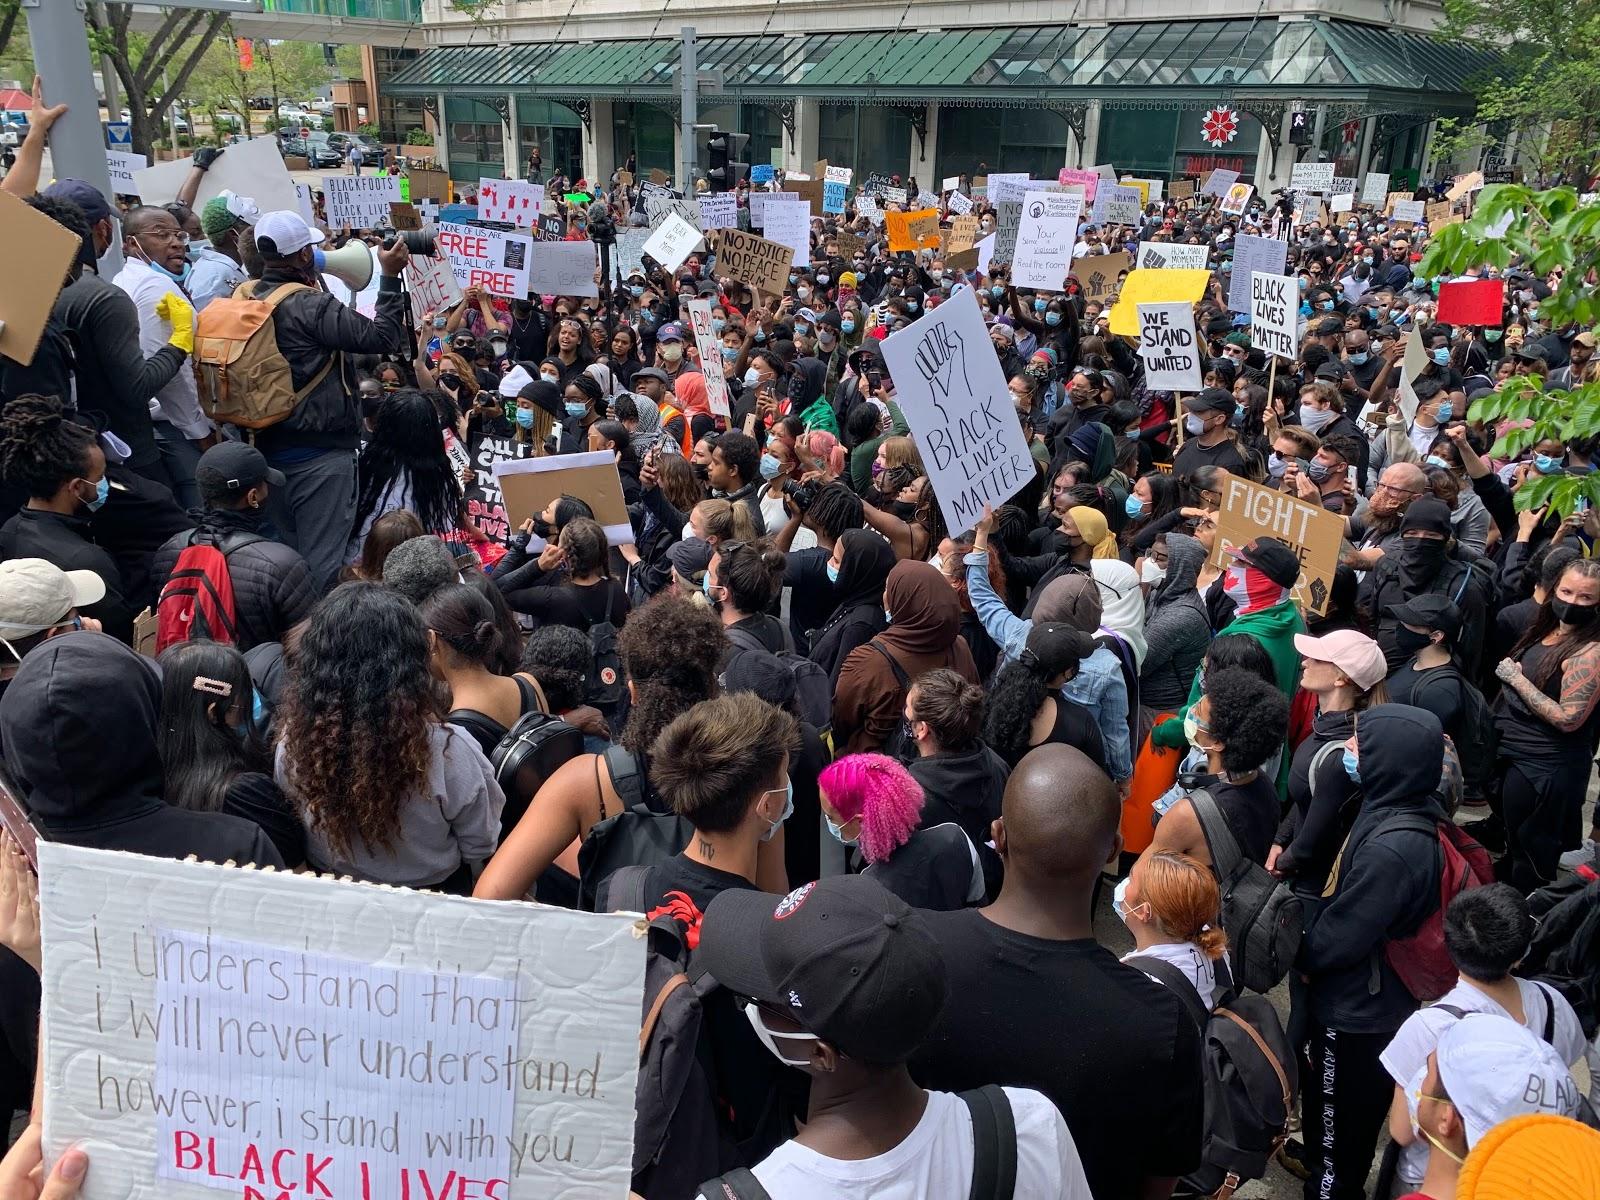 Nguyễn Sin gây tranh cãi khi nói người đàn ông da đen bị cảnh sát Mỹ đè cổ chết từng đóng phim người lớn, trộm cắp và bắn phụ nữ - Hình 6